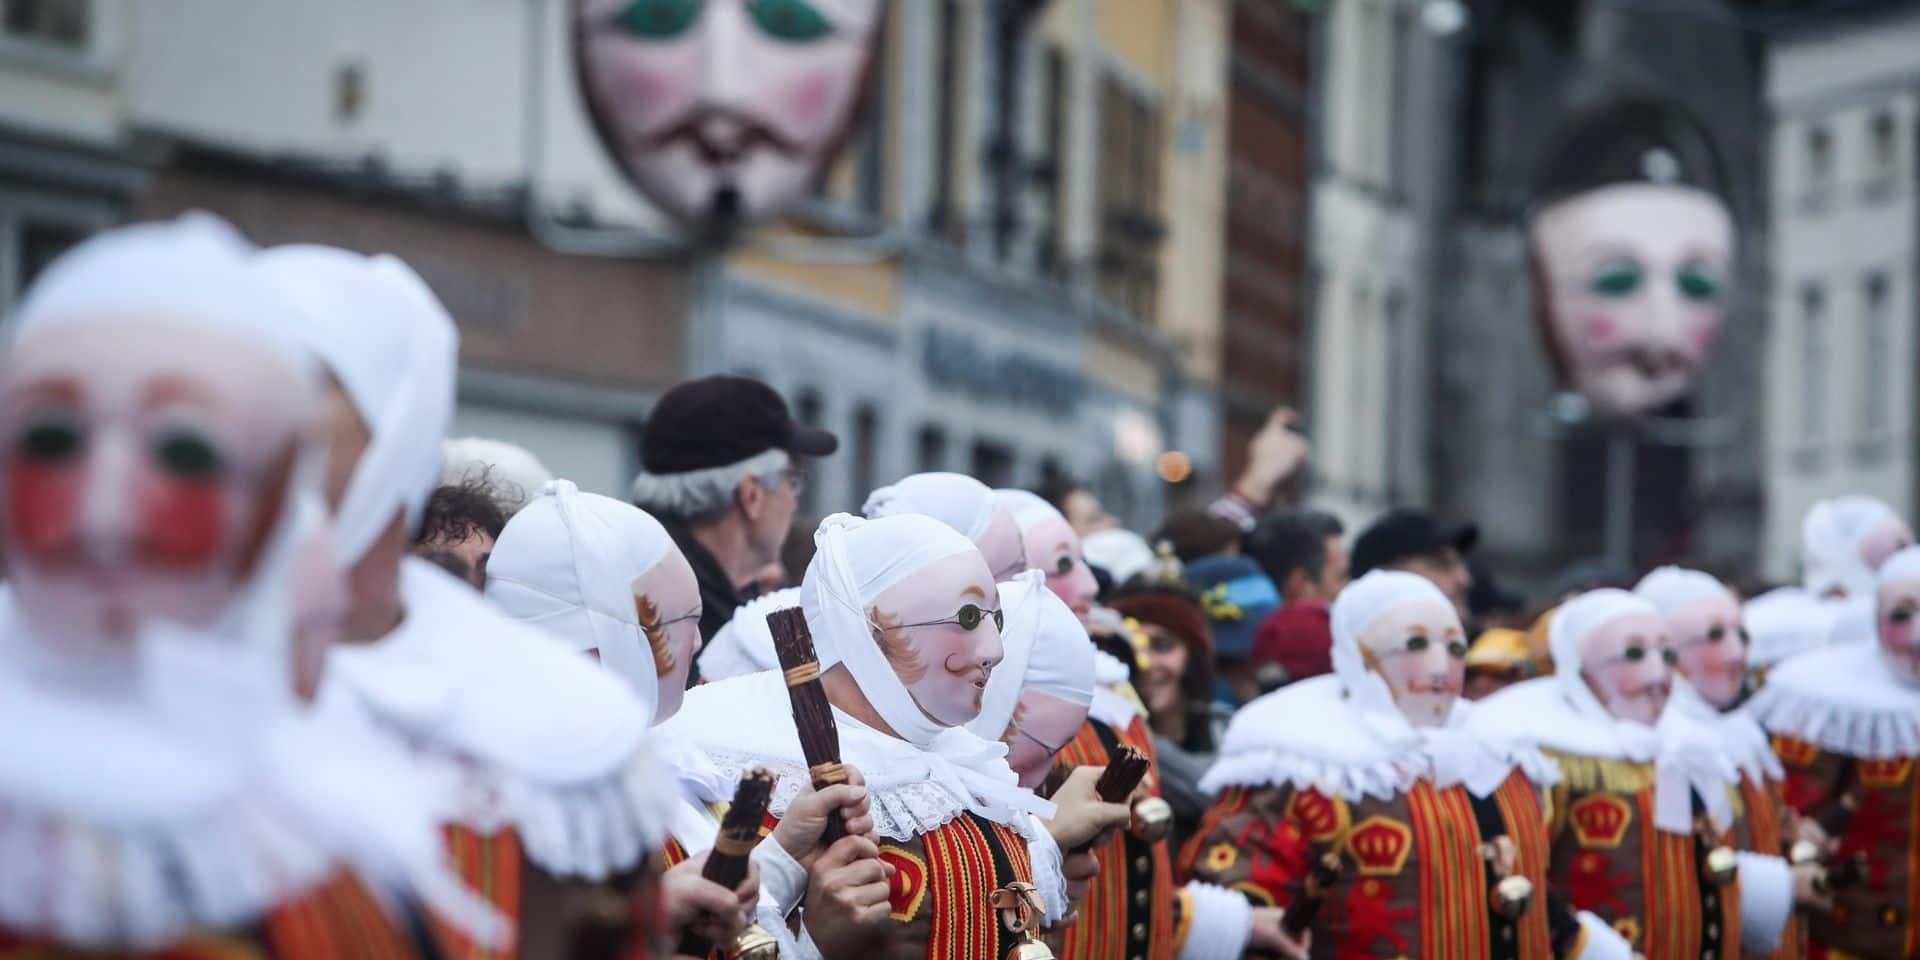 Annulation du carnaval? La Ville de Binche coupe court aux rumeurs